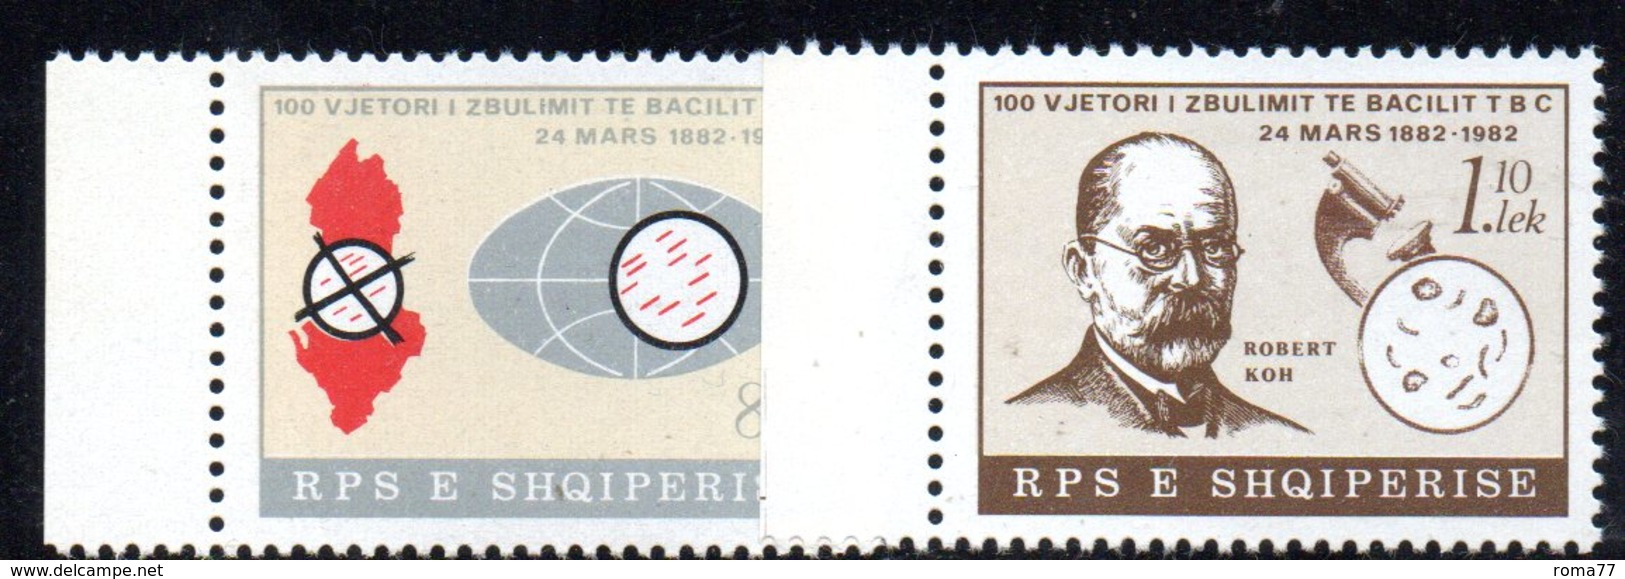 XP3980 - ALBANIA 1982 , Yvert Serie N. 1926/1927  *** Koch - Albania